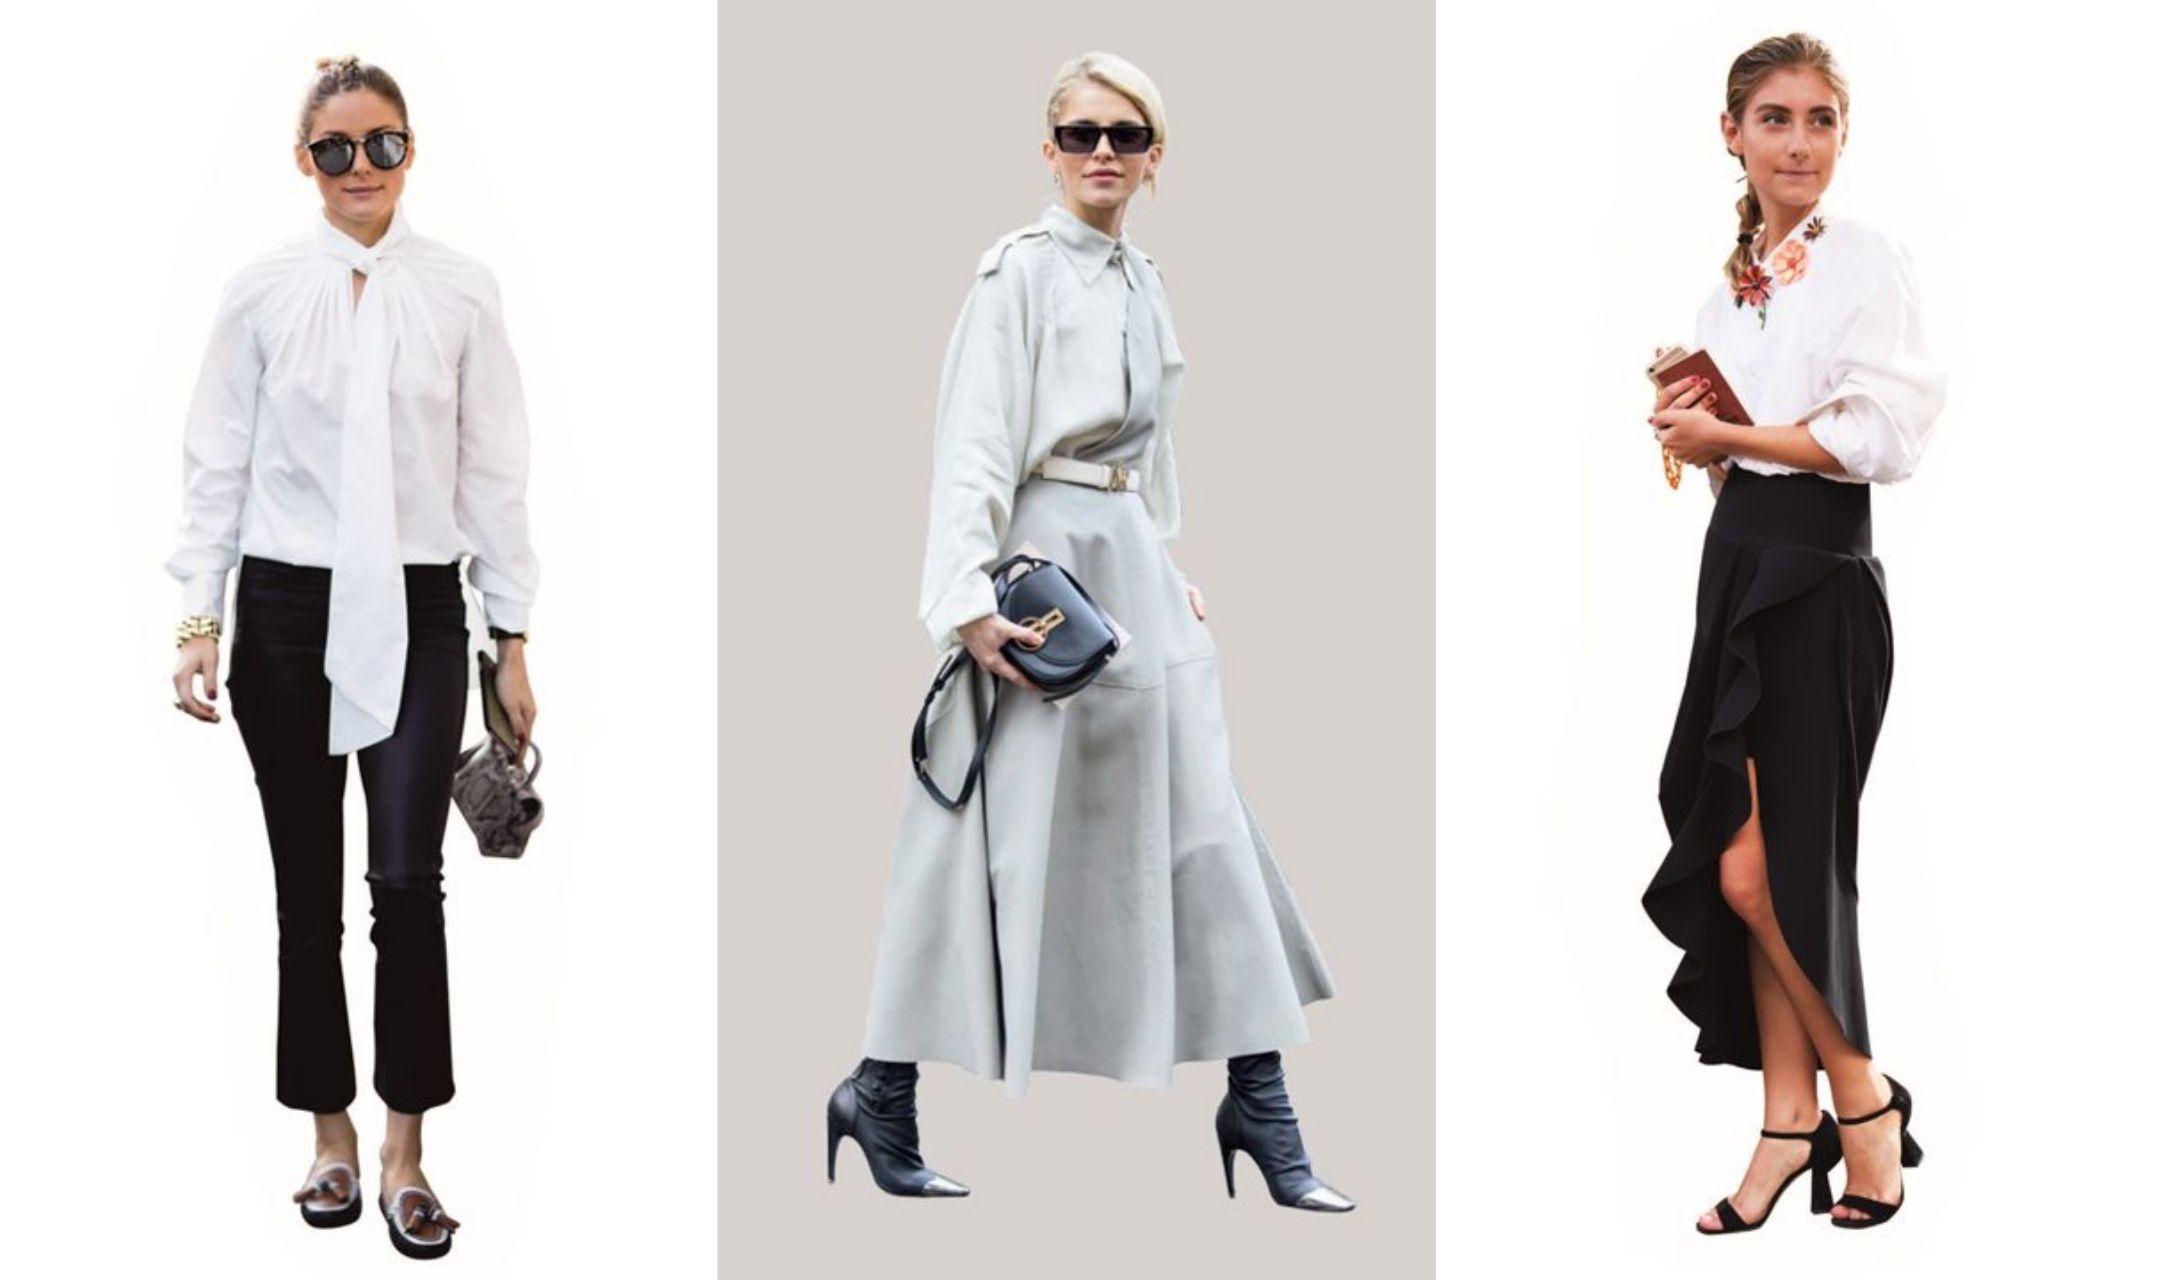 モード系ファッション20選【2018秋|レディース】|海外セレブの最新ファッションコーデ